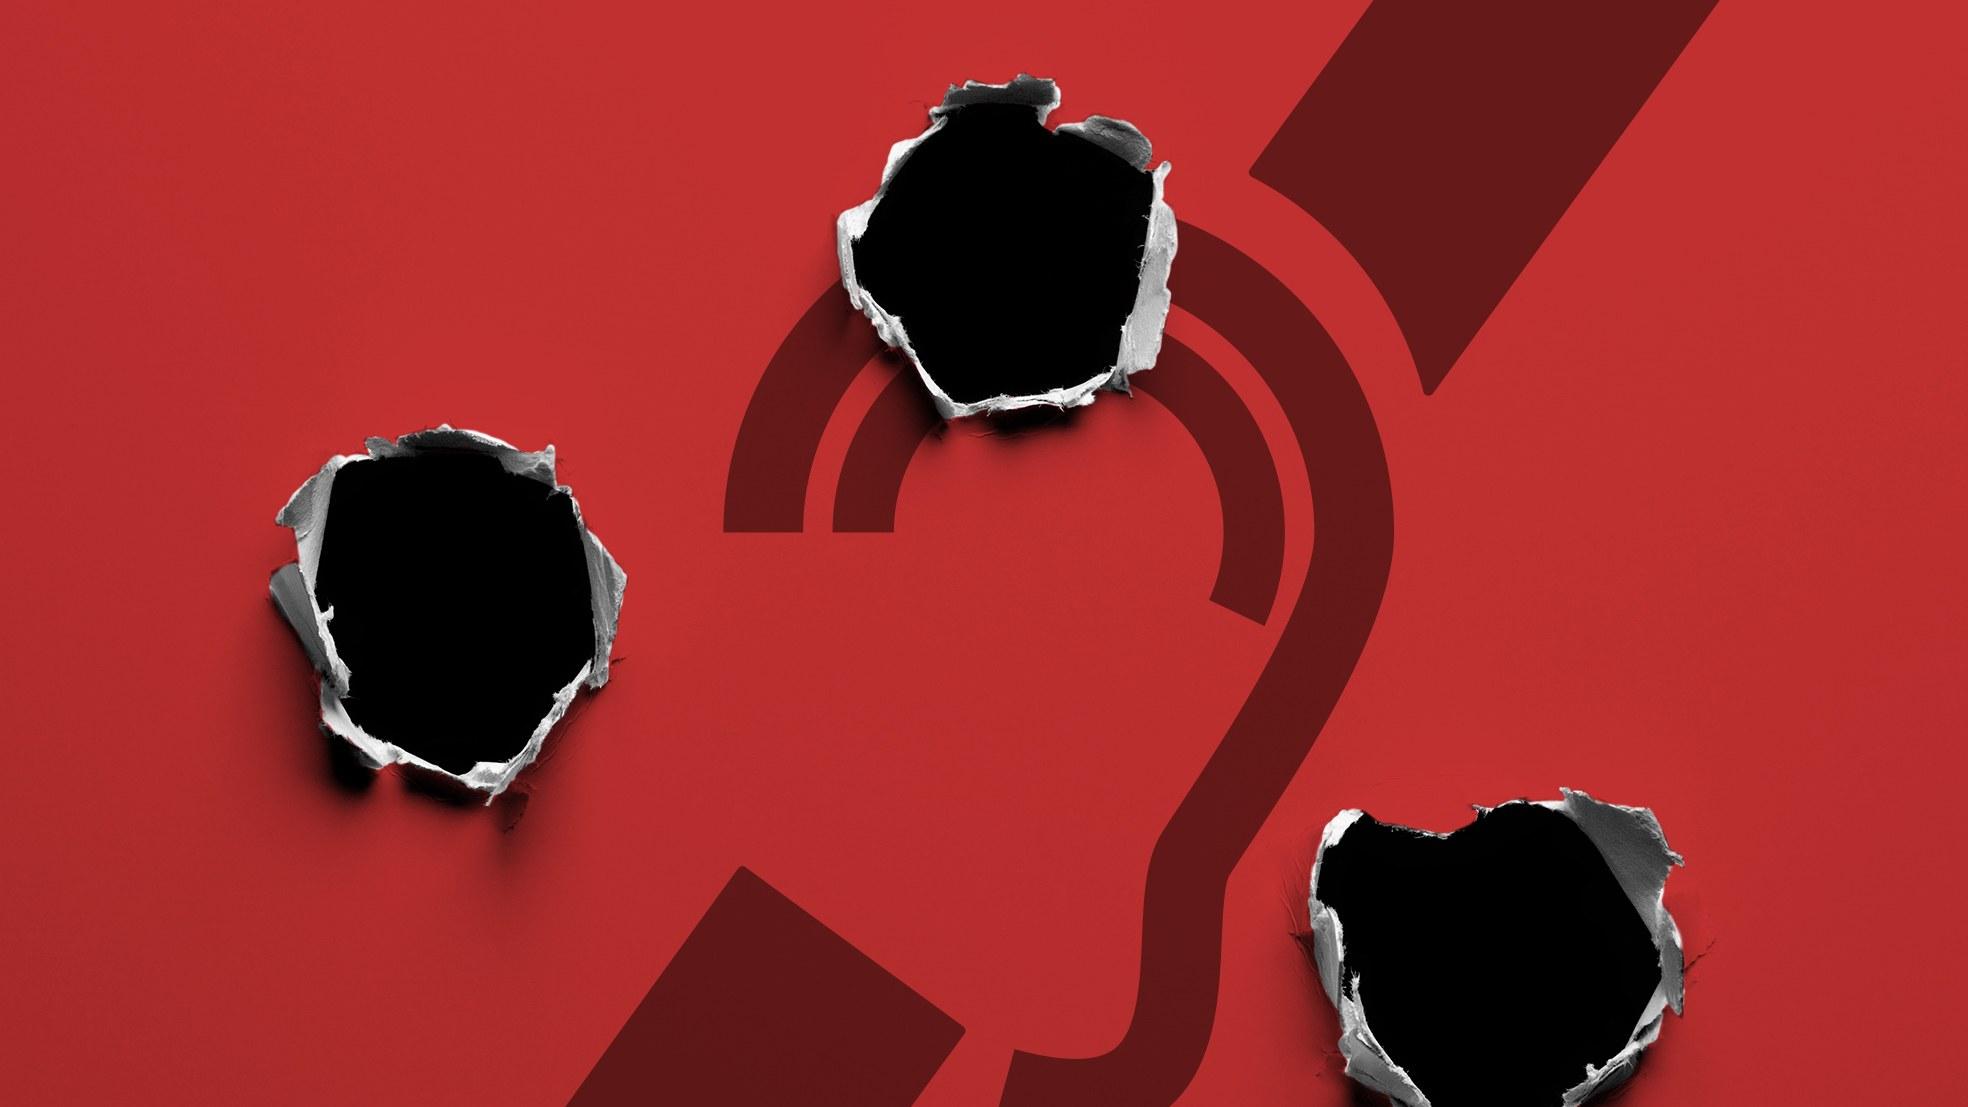 deaf-police-brutality-2.jpg